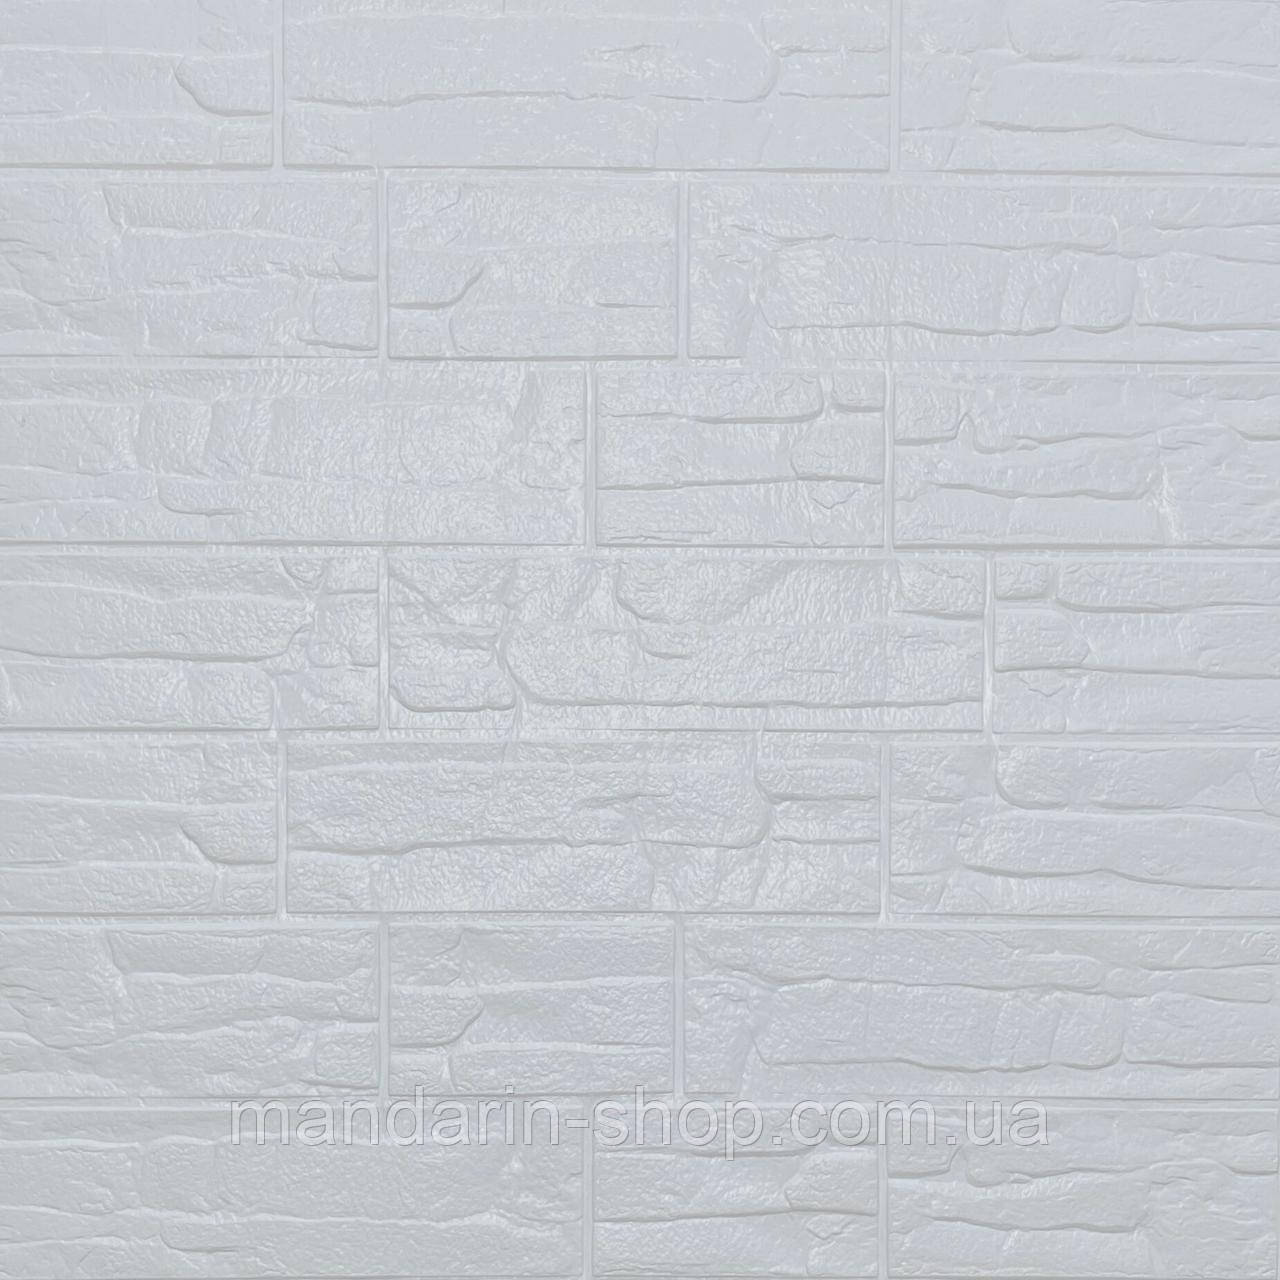 Самоклеющиеся обои Декоративная 3D панель ПВХ 1 шт, Белый рваный кирпич